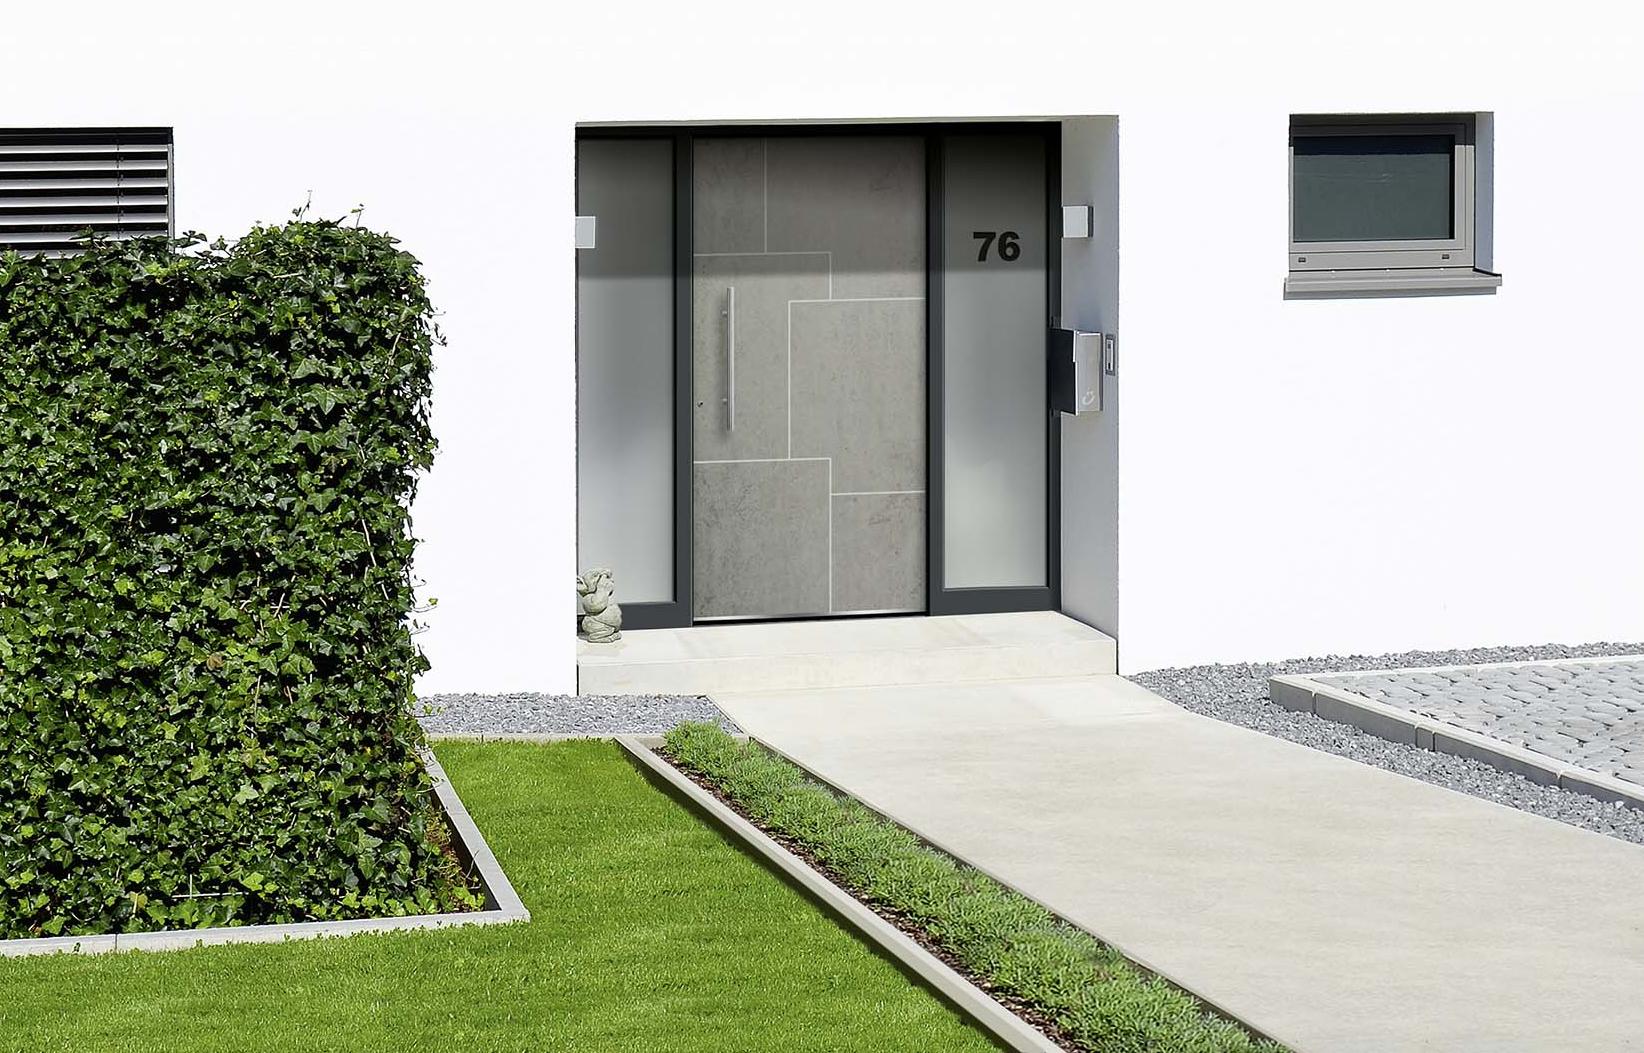 Hausturen Trends Naturwerkstoff Keramik Beton Look